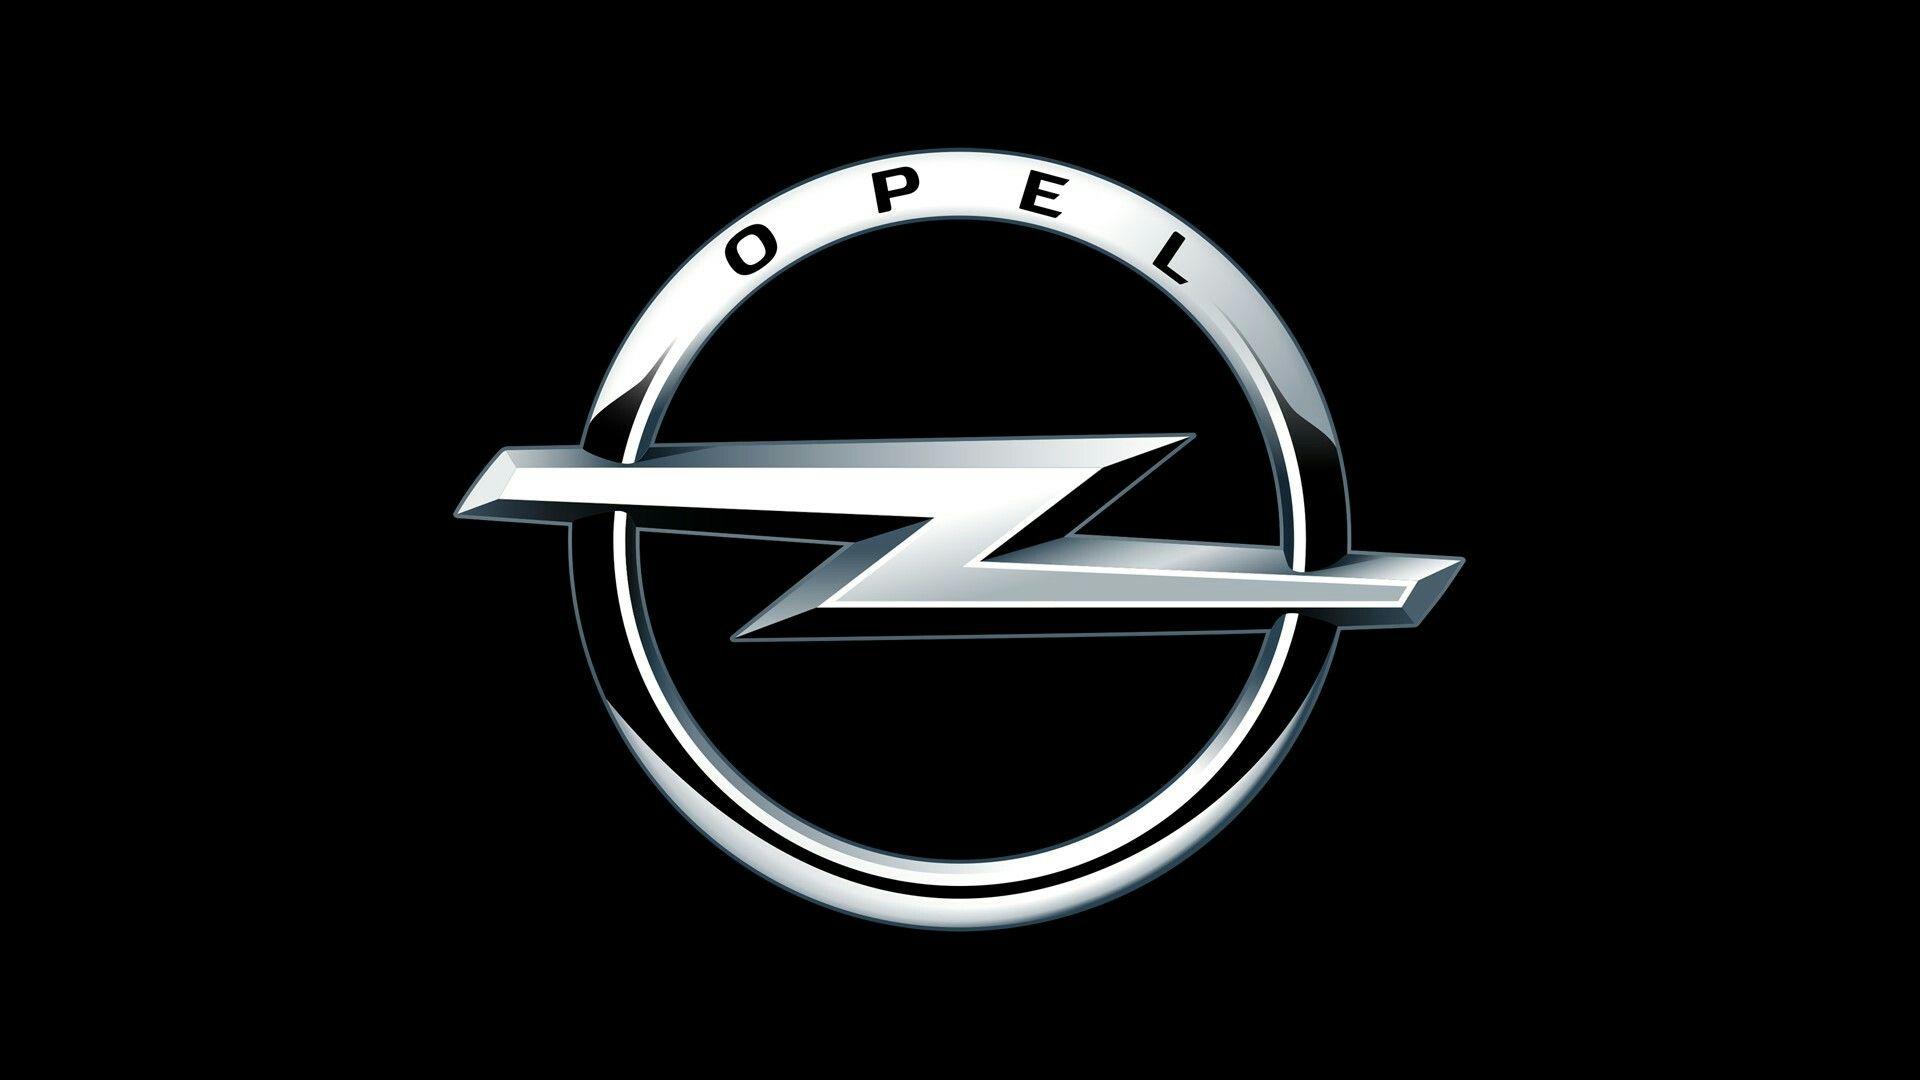 Opel Logo Pin by BlackPhoenix on...